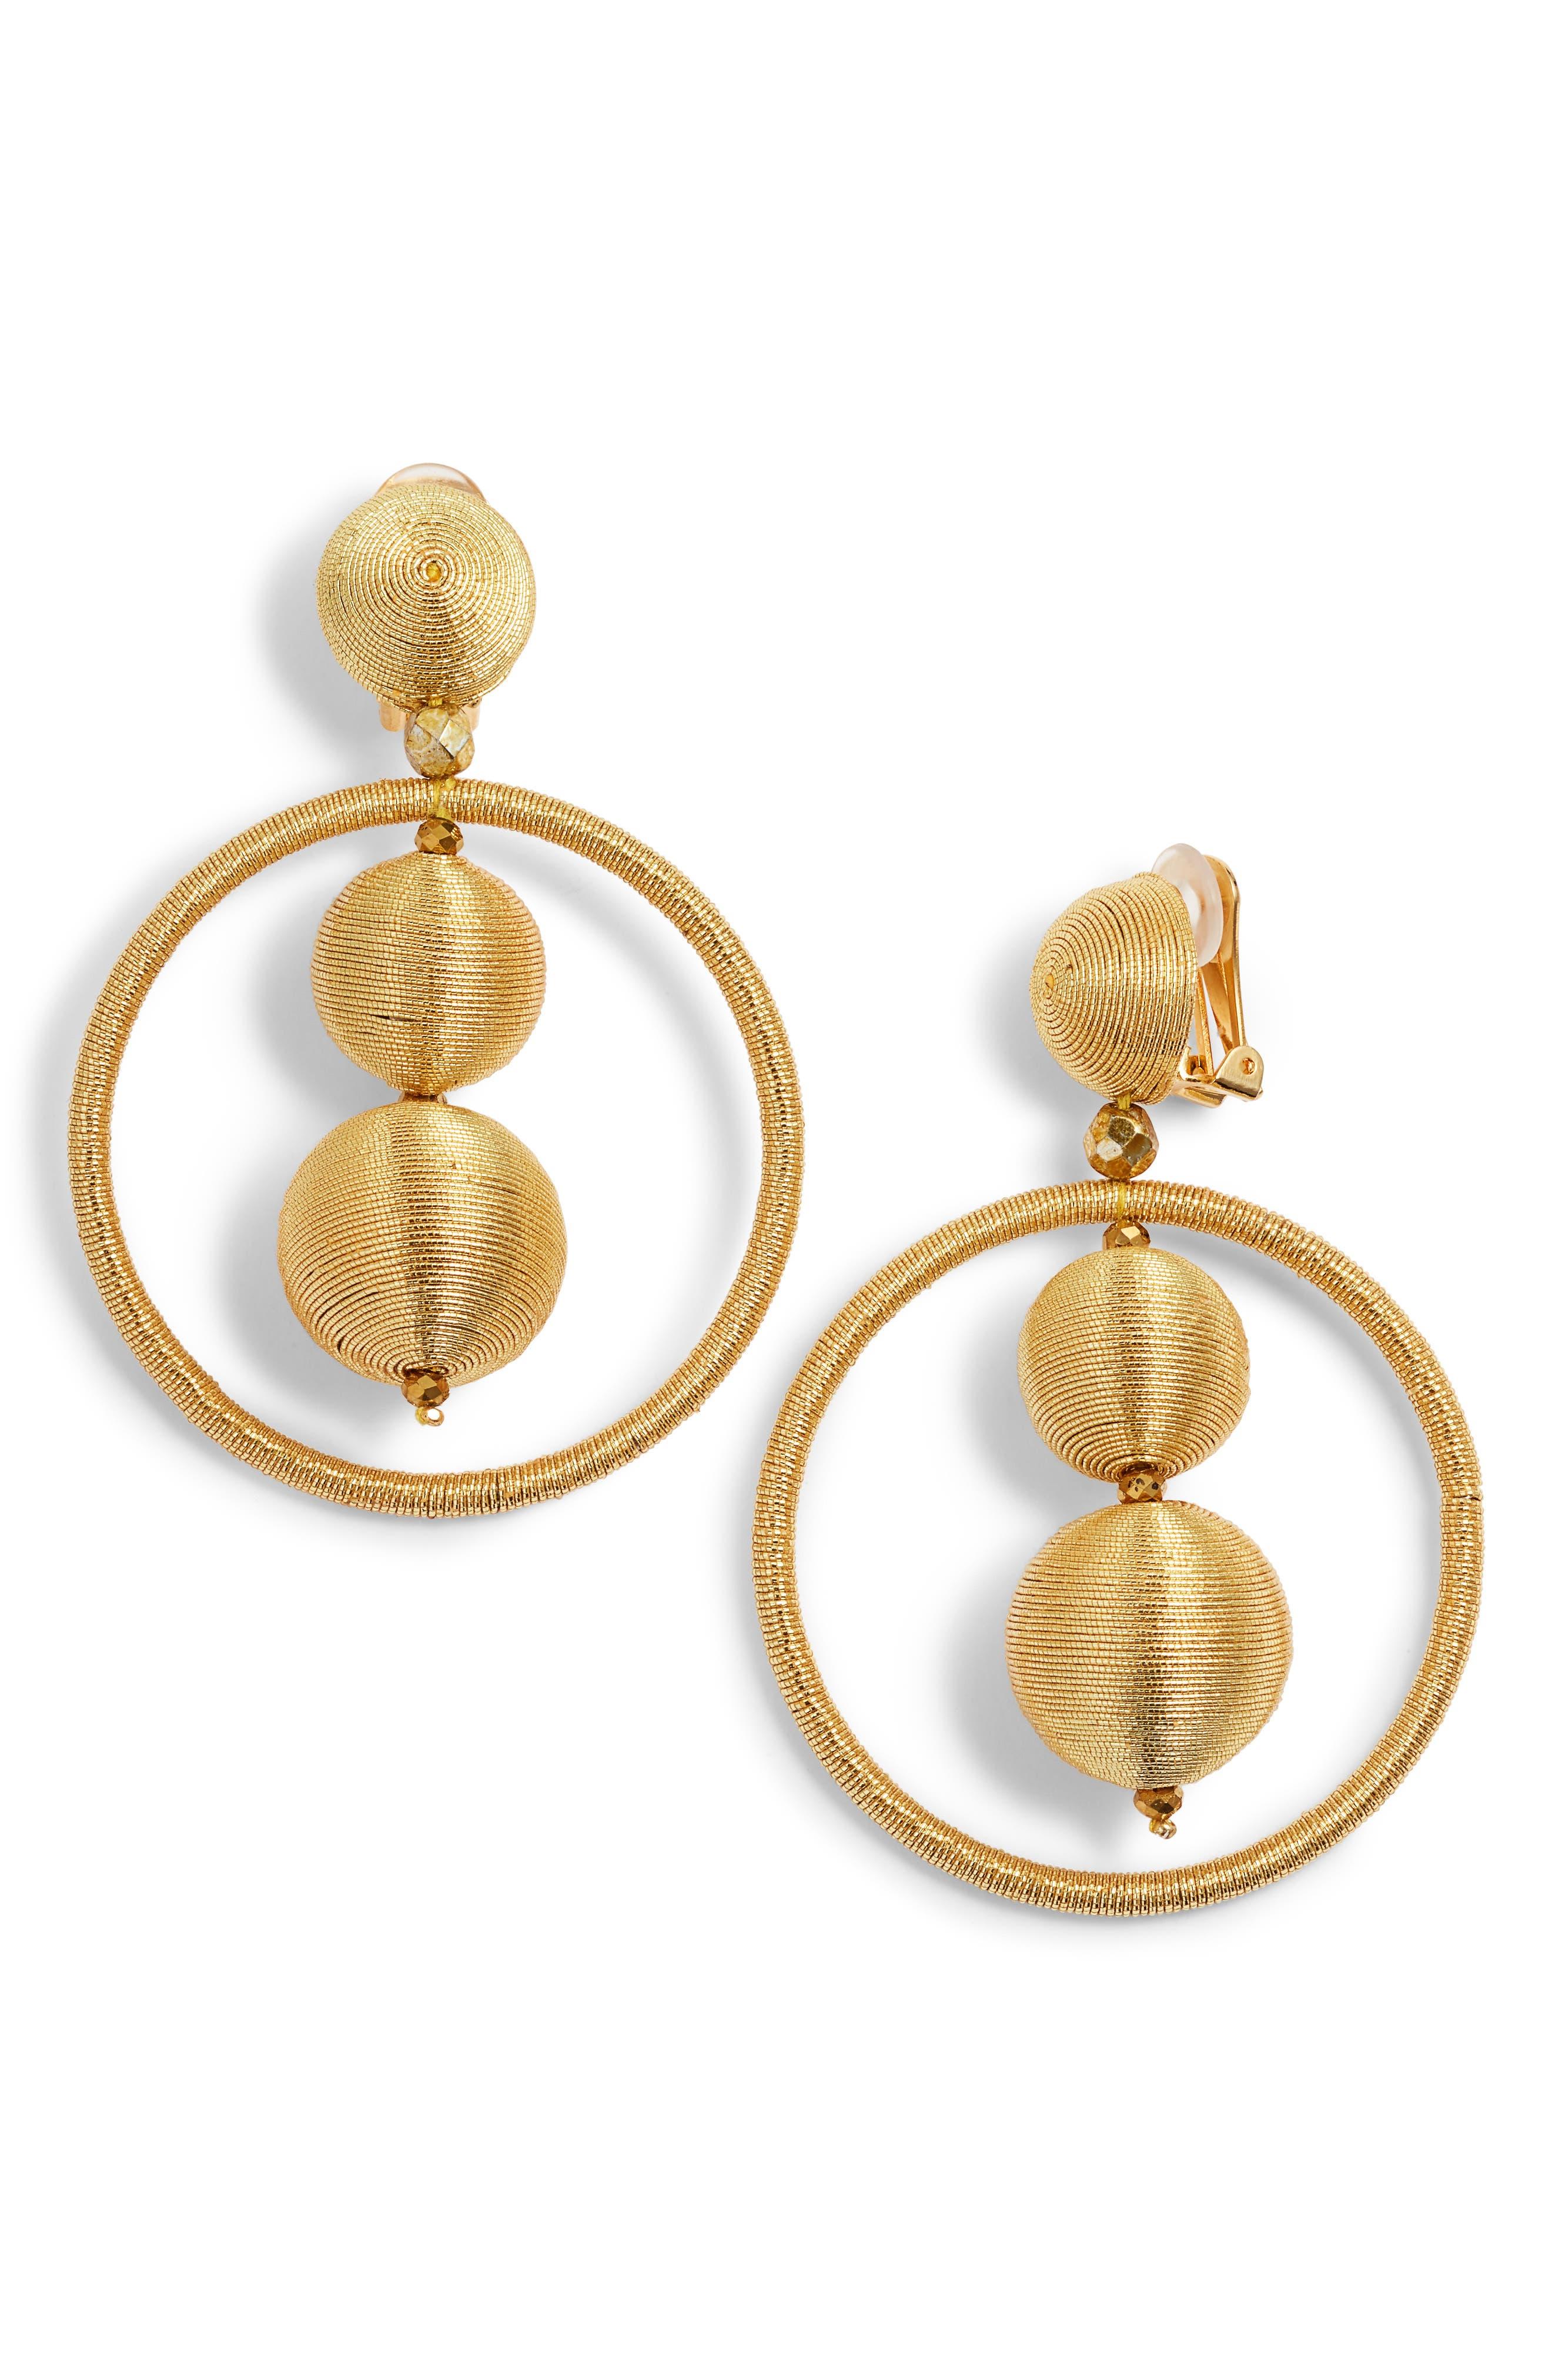 Oscar de la Renta Double Beaded Ball Hoop Clip-On Earrings